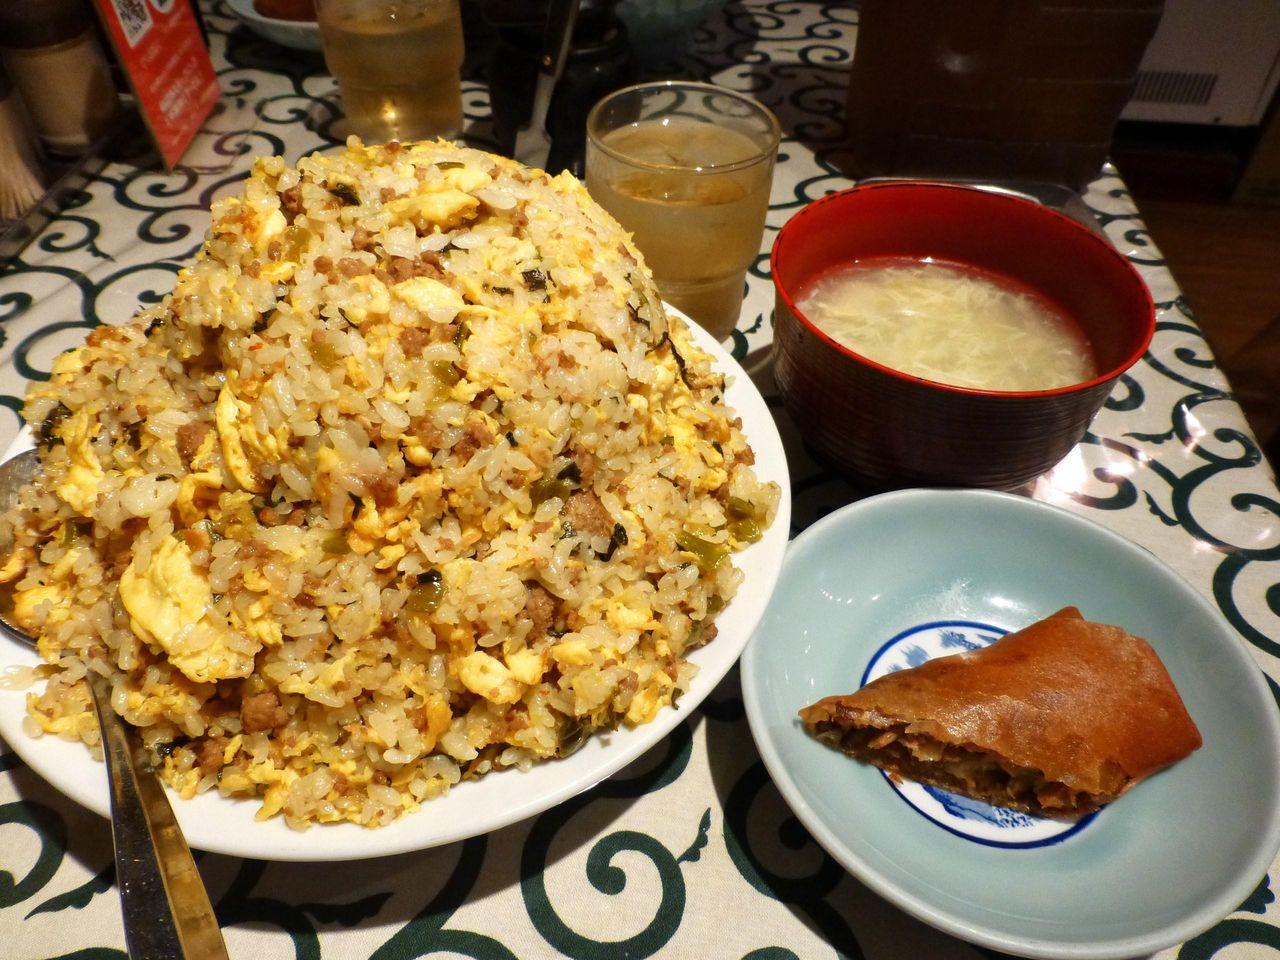 銀座「悟空」の挽肉たかなチャーハン特盛(1.2キロ)800円